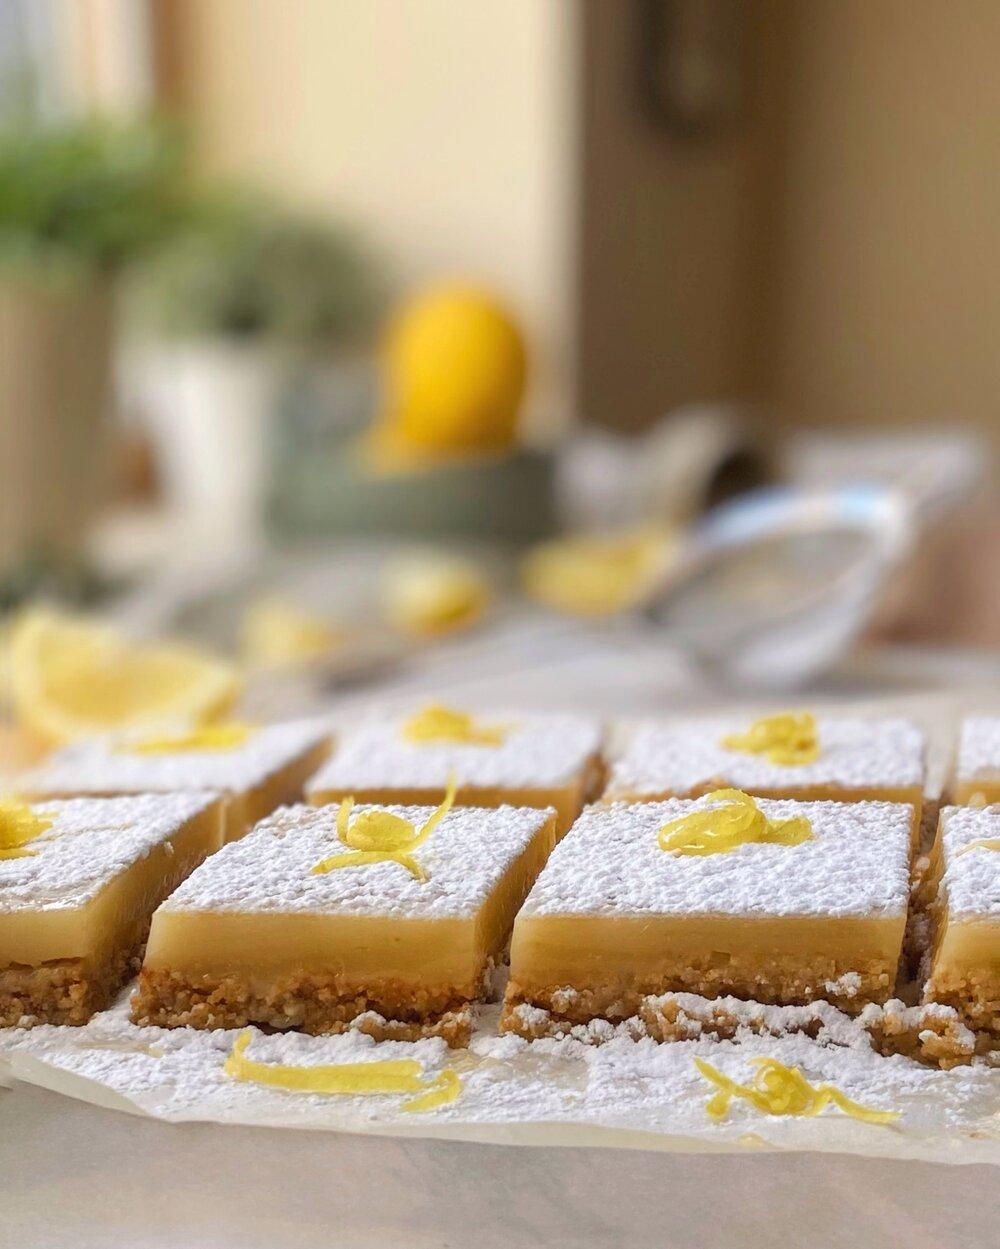 Vegan Gluten Free Lemon Squares or Bars | Brownble